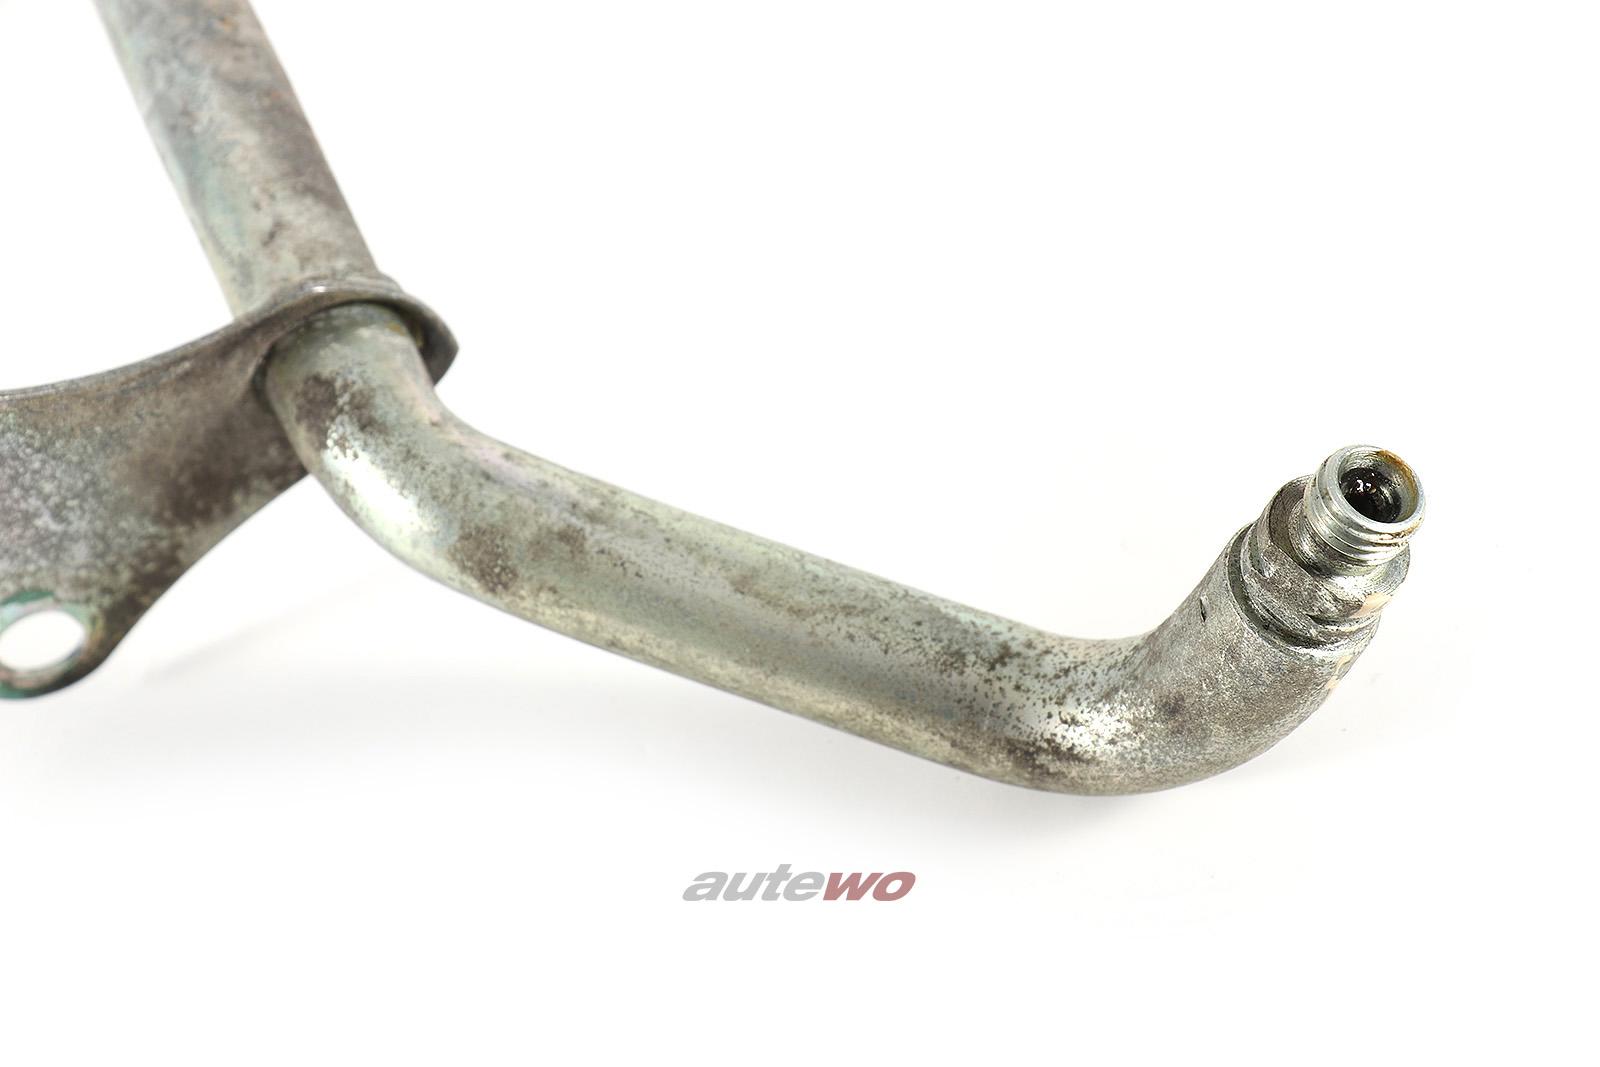 443612059H 443612059J Audi 100/200 Typ 44 Rohr Servopumpe > Bremsdruckspeicher